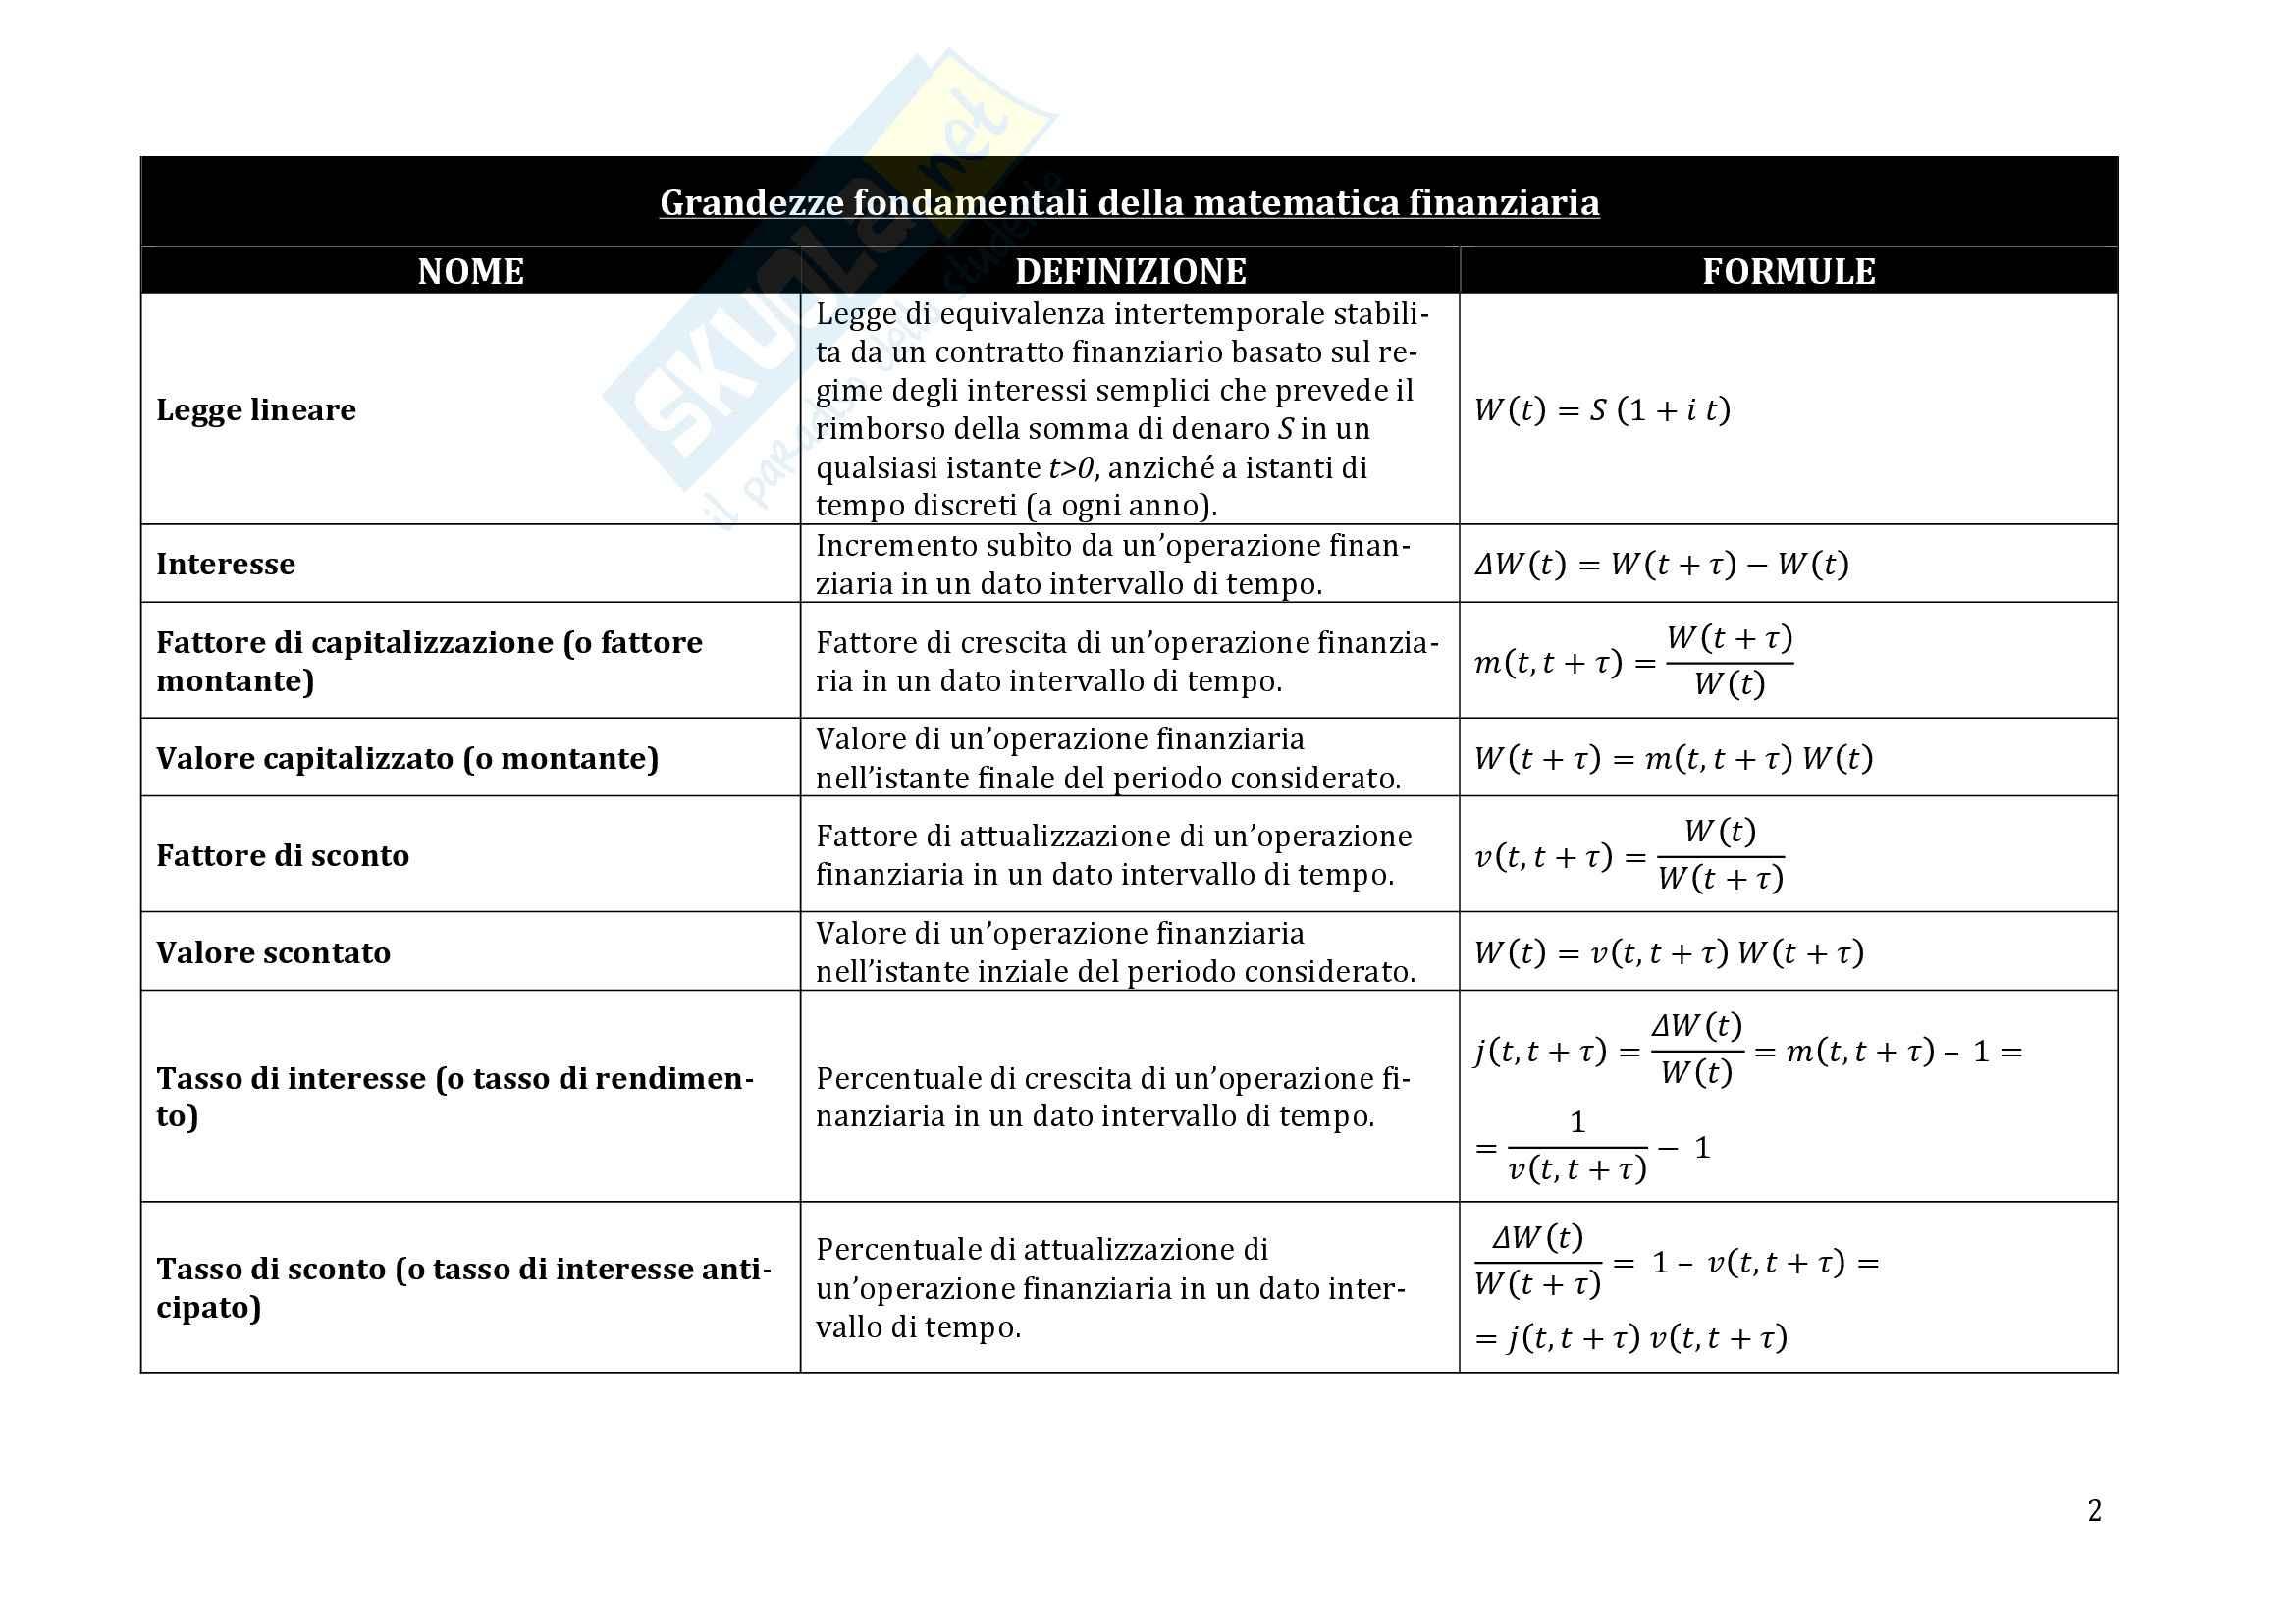 Matematica finanziaria, Moriconi - Definizioni e formule Pag. 2